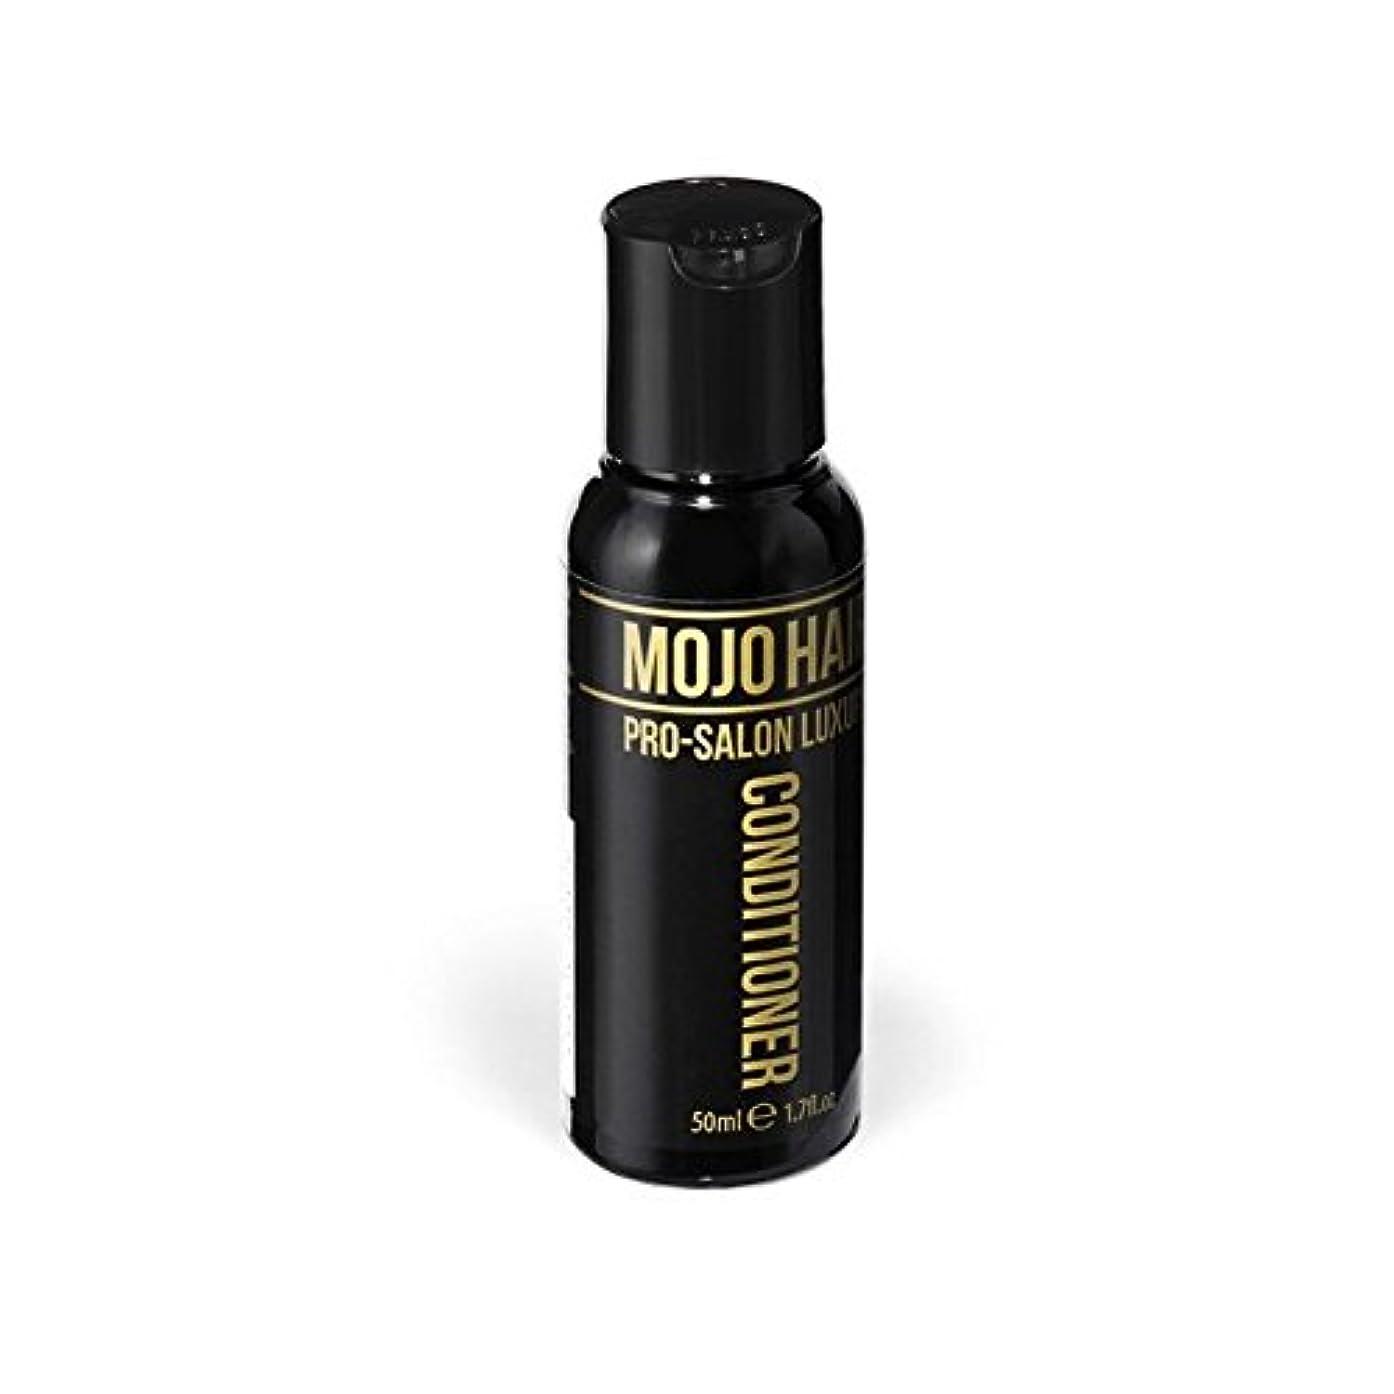 シール綺麗な妖精モジョの毛プロのサロンの贅沢なコンディショナー(50ミリリットル) x2 - Mojo Hair Pro-Salon Luxury Conditioner (50ml) (Pack of 2) [並行輸入品]